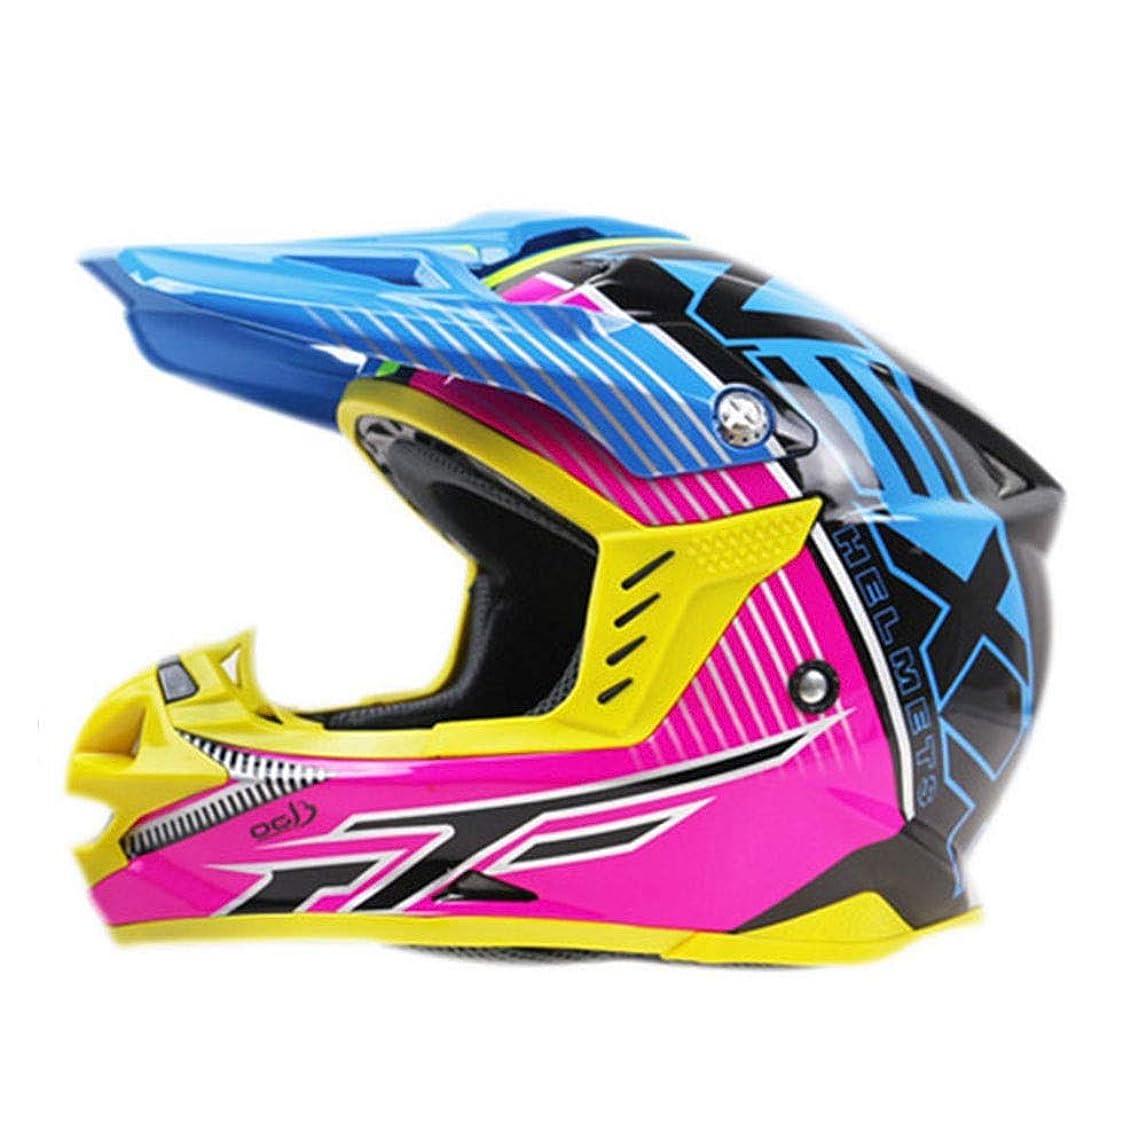 マルクス主義実行可能順番TOMSSL高品質 フルフェイスモトクロスヘルメット高速道路オフロードレーシングヘルメットプロのモトクロスレース用ヘルメット安全ヘルメットダウンヒル - 、赤、黄、青 - 大 TOMSSL高品質 (Size : L)